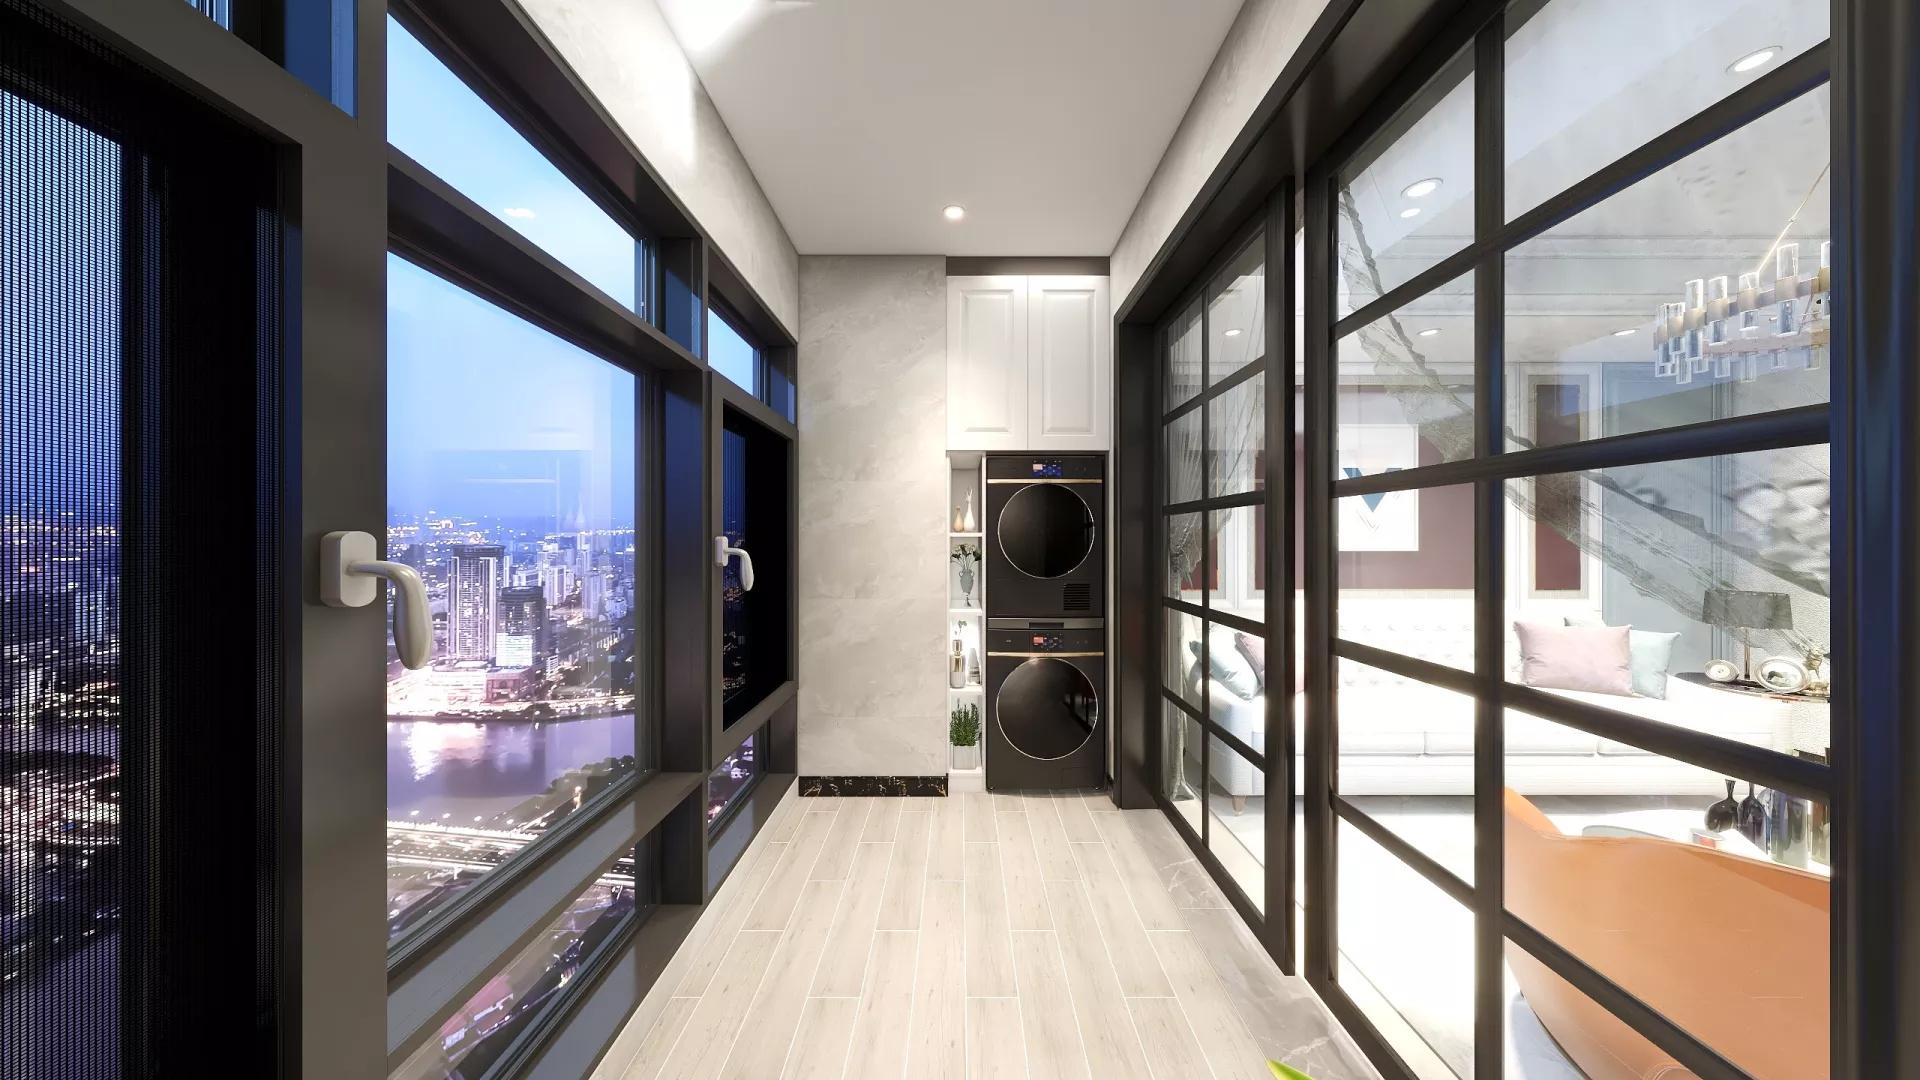 你知道吗 洗衣机摆放位置也能影响家居风水